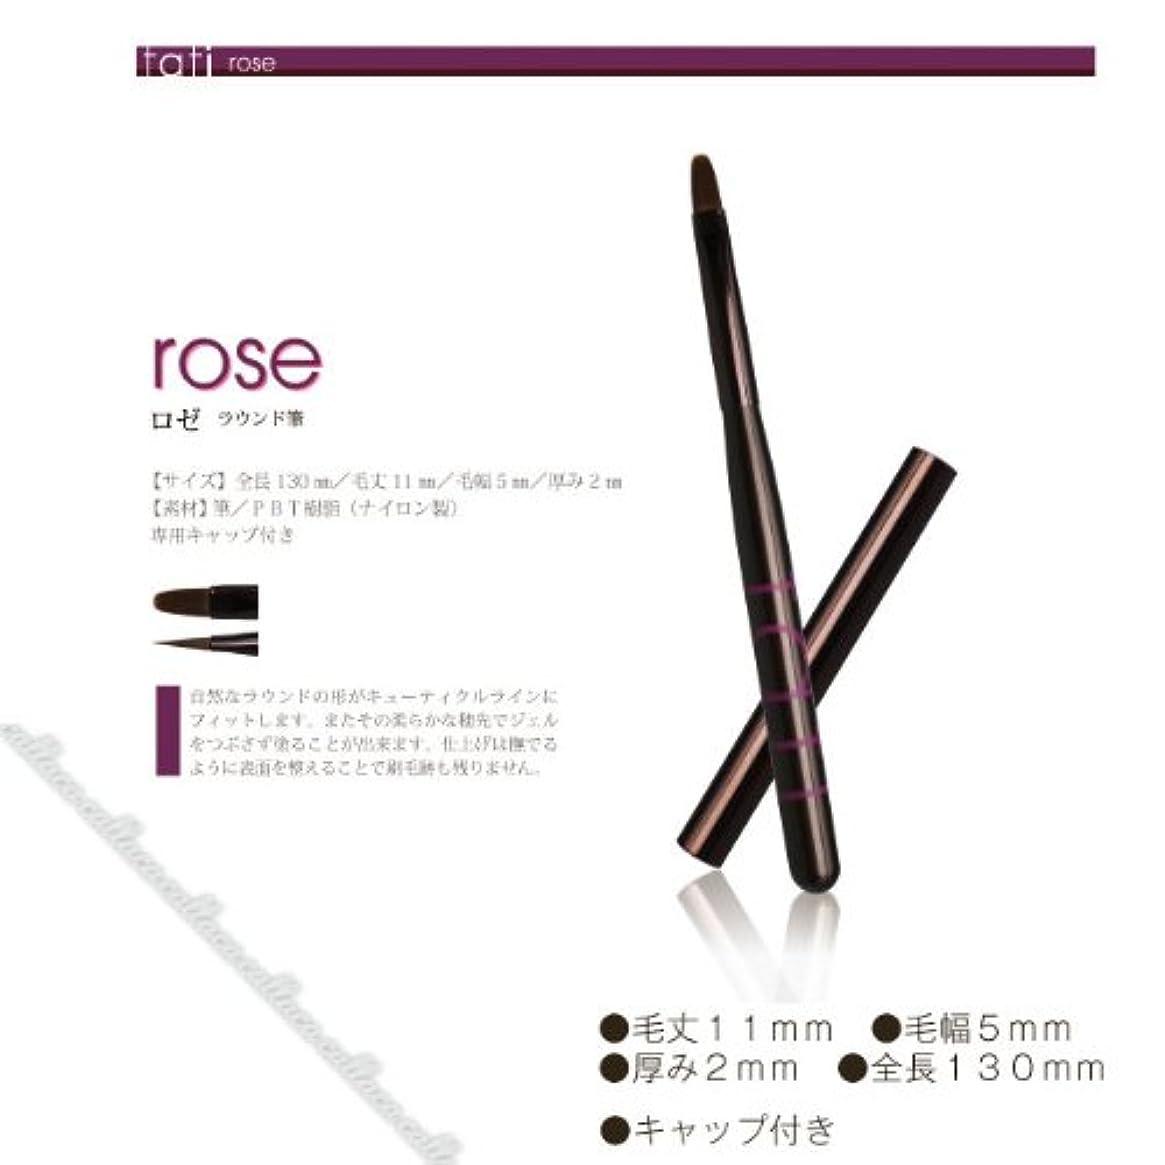 花弁アルバムアカウントtati ジェル ブラシアートショコラ rose (ロゼ)